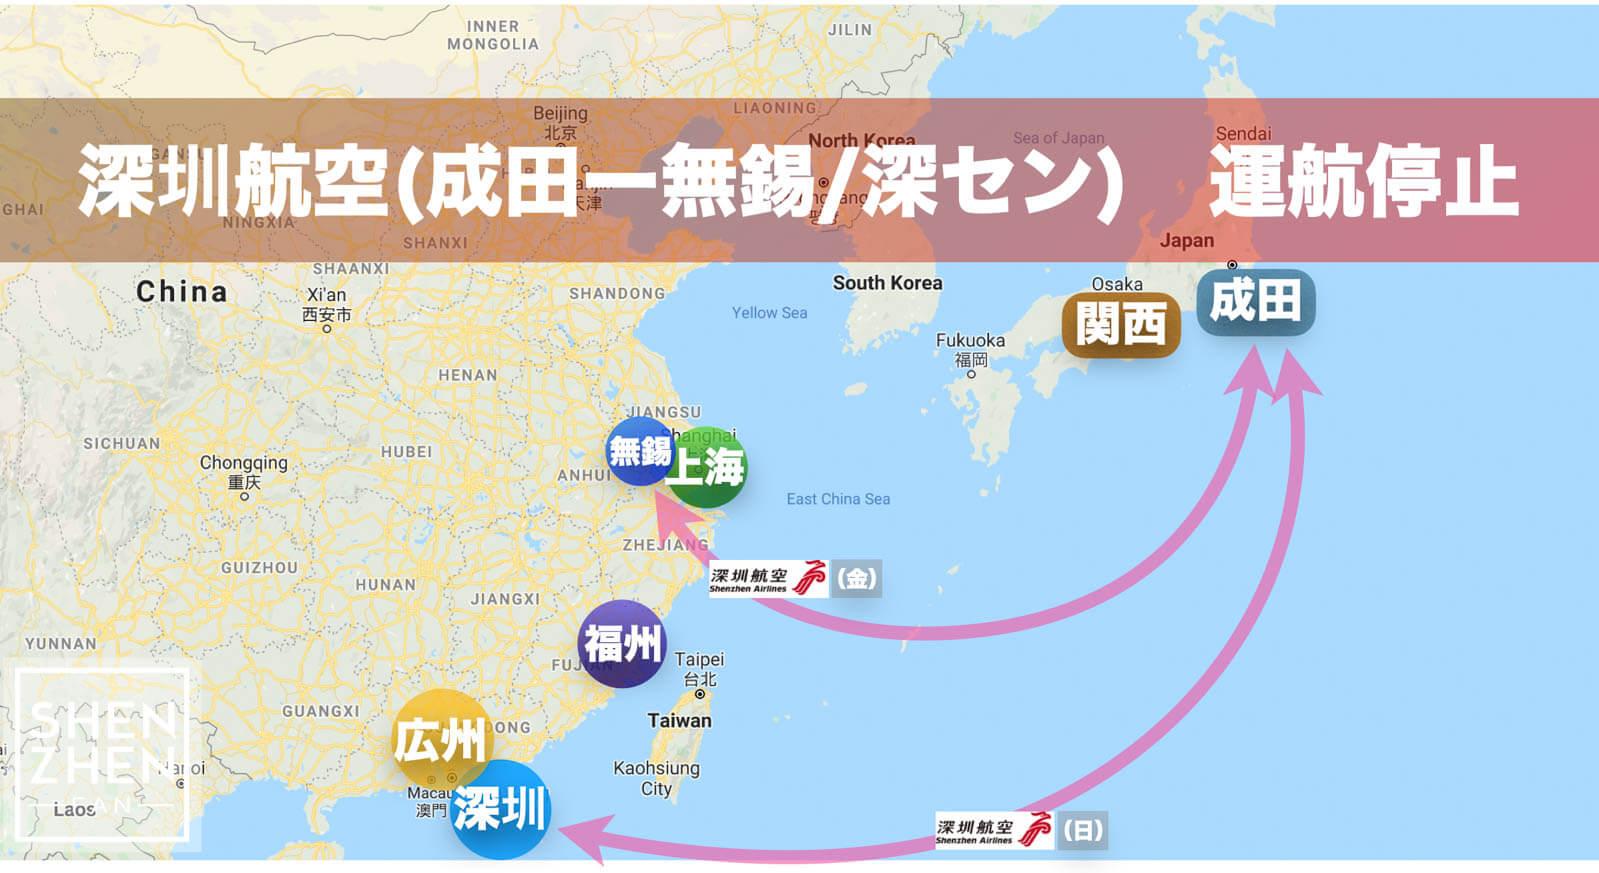 【速報】深セン航空「成田ー無錫」「成田ー深セン」便は4月26日より運航停止